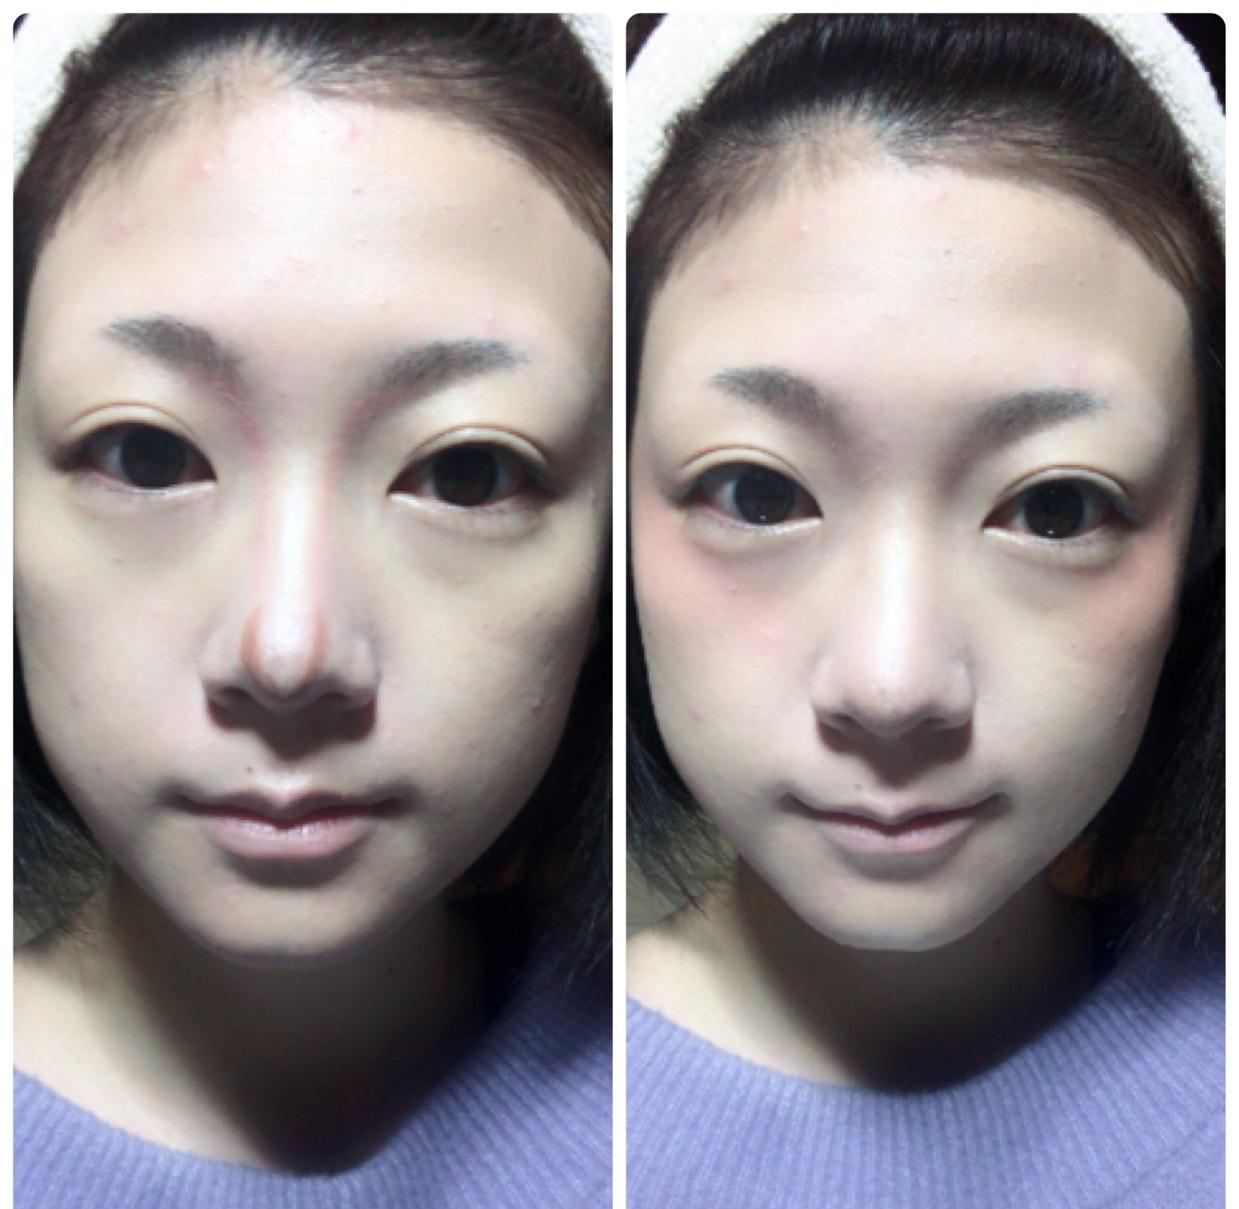 おでこ、鼻筋、ほうれい線にハイライト、 鼻筋のワキにサーモンピンクのコントゥアペンシルで、鼻先にブラウンでラインを入れ、指でなじませます。 クリームチークをほっぺの高い位置の外側に塗ってからマシュマロフィニッシュパウダーをブラシで塗ります。